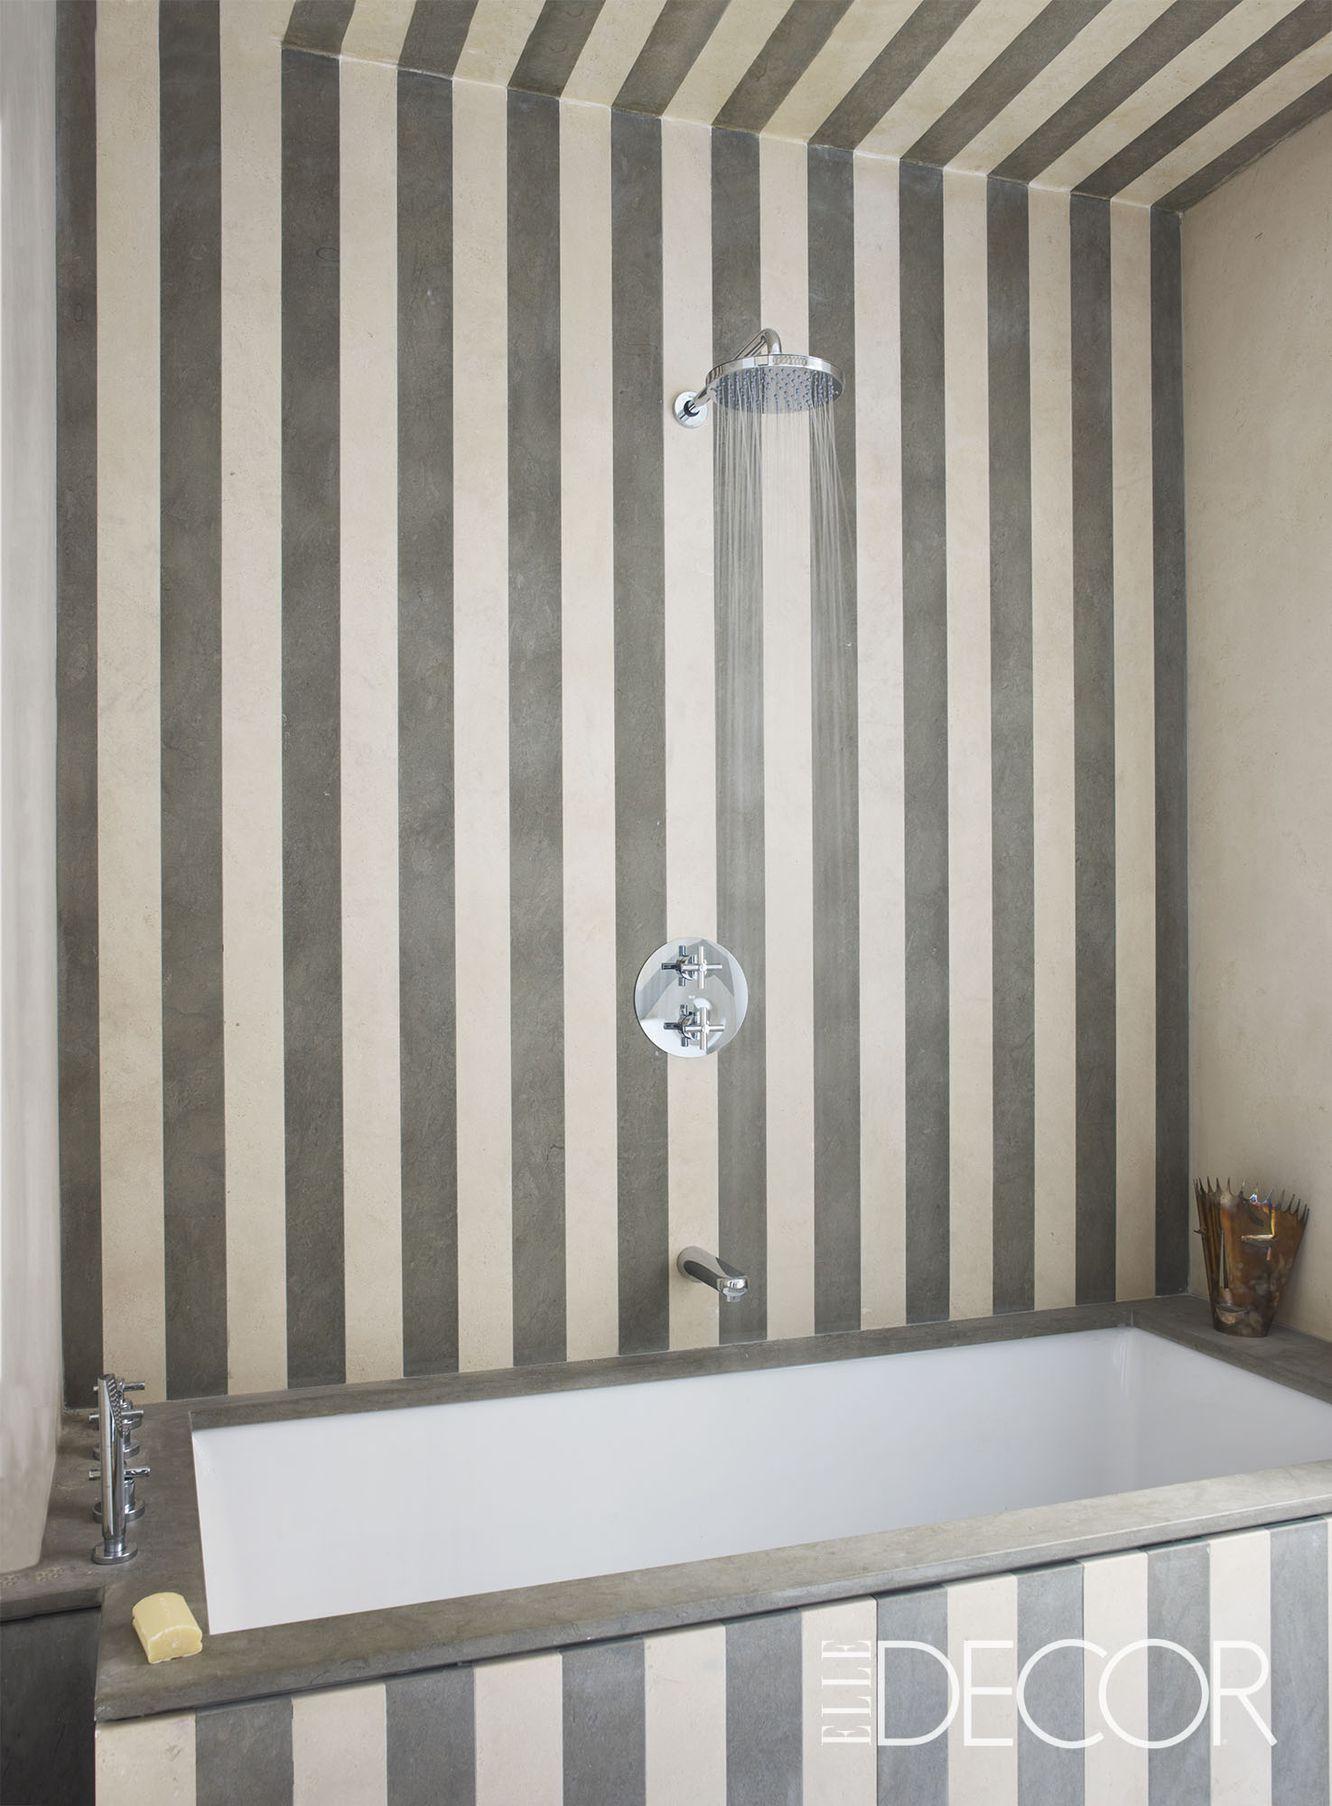 jean-louis-deniot-paris-apartment-design-9-1502142847.jpg